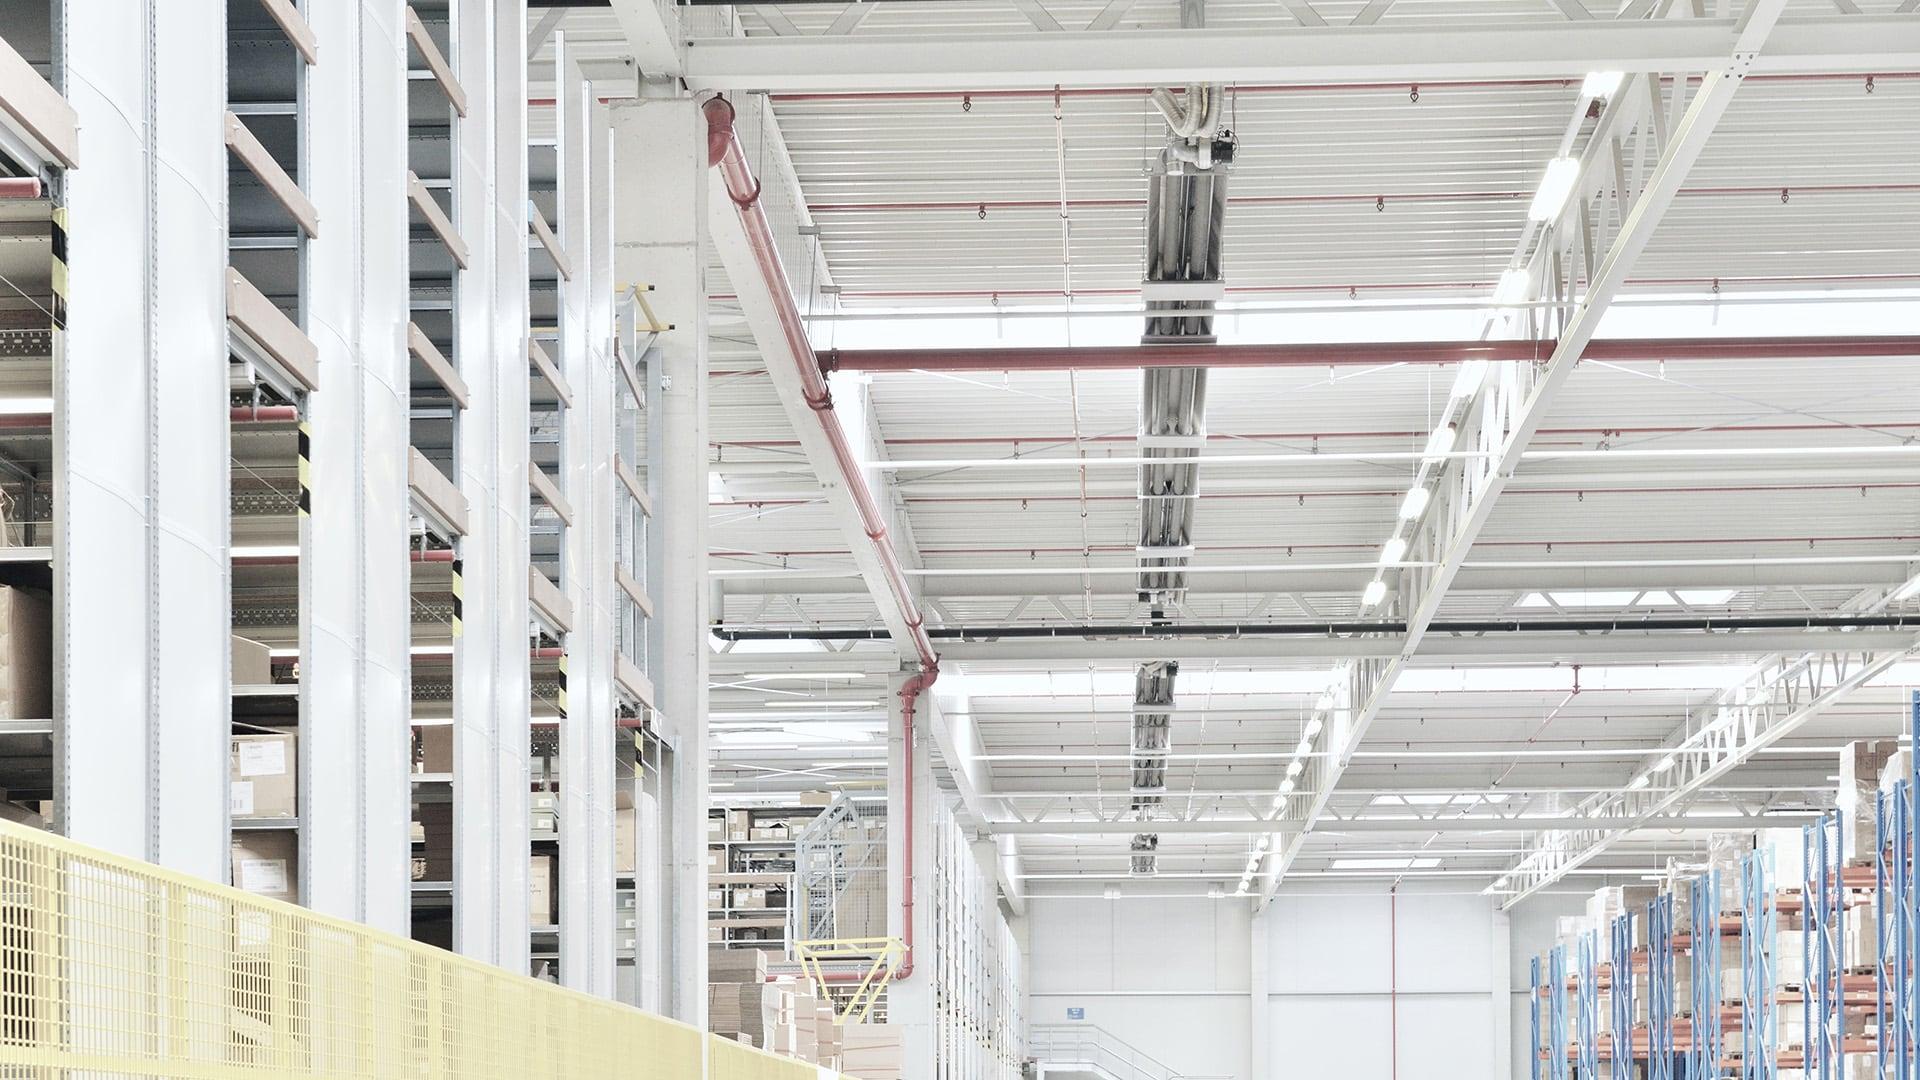 Lange buiskachels van Schwank onder het plafond van een logistiek gebouw.